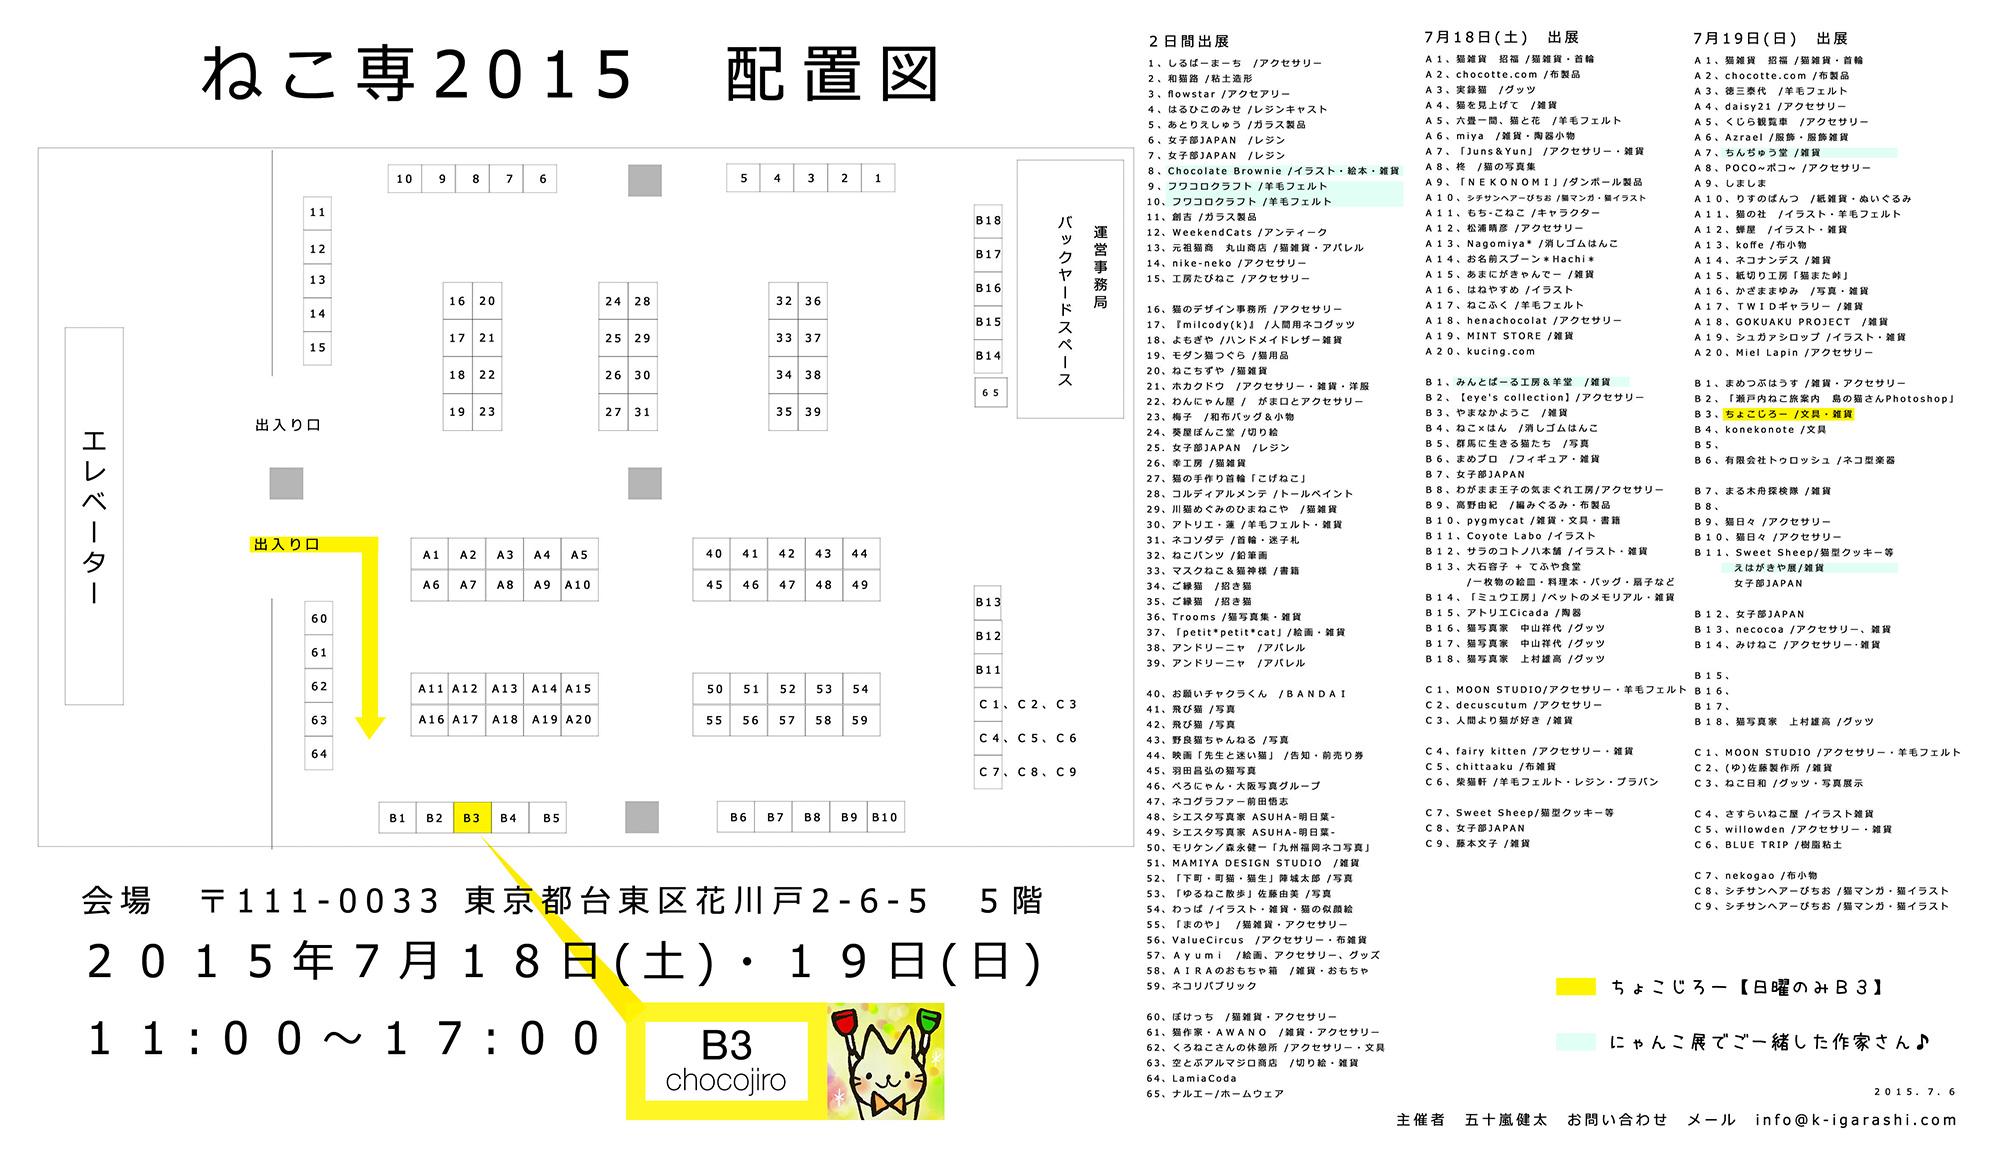 ねこ専2015_ちょこじろーブース